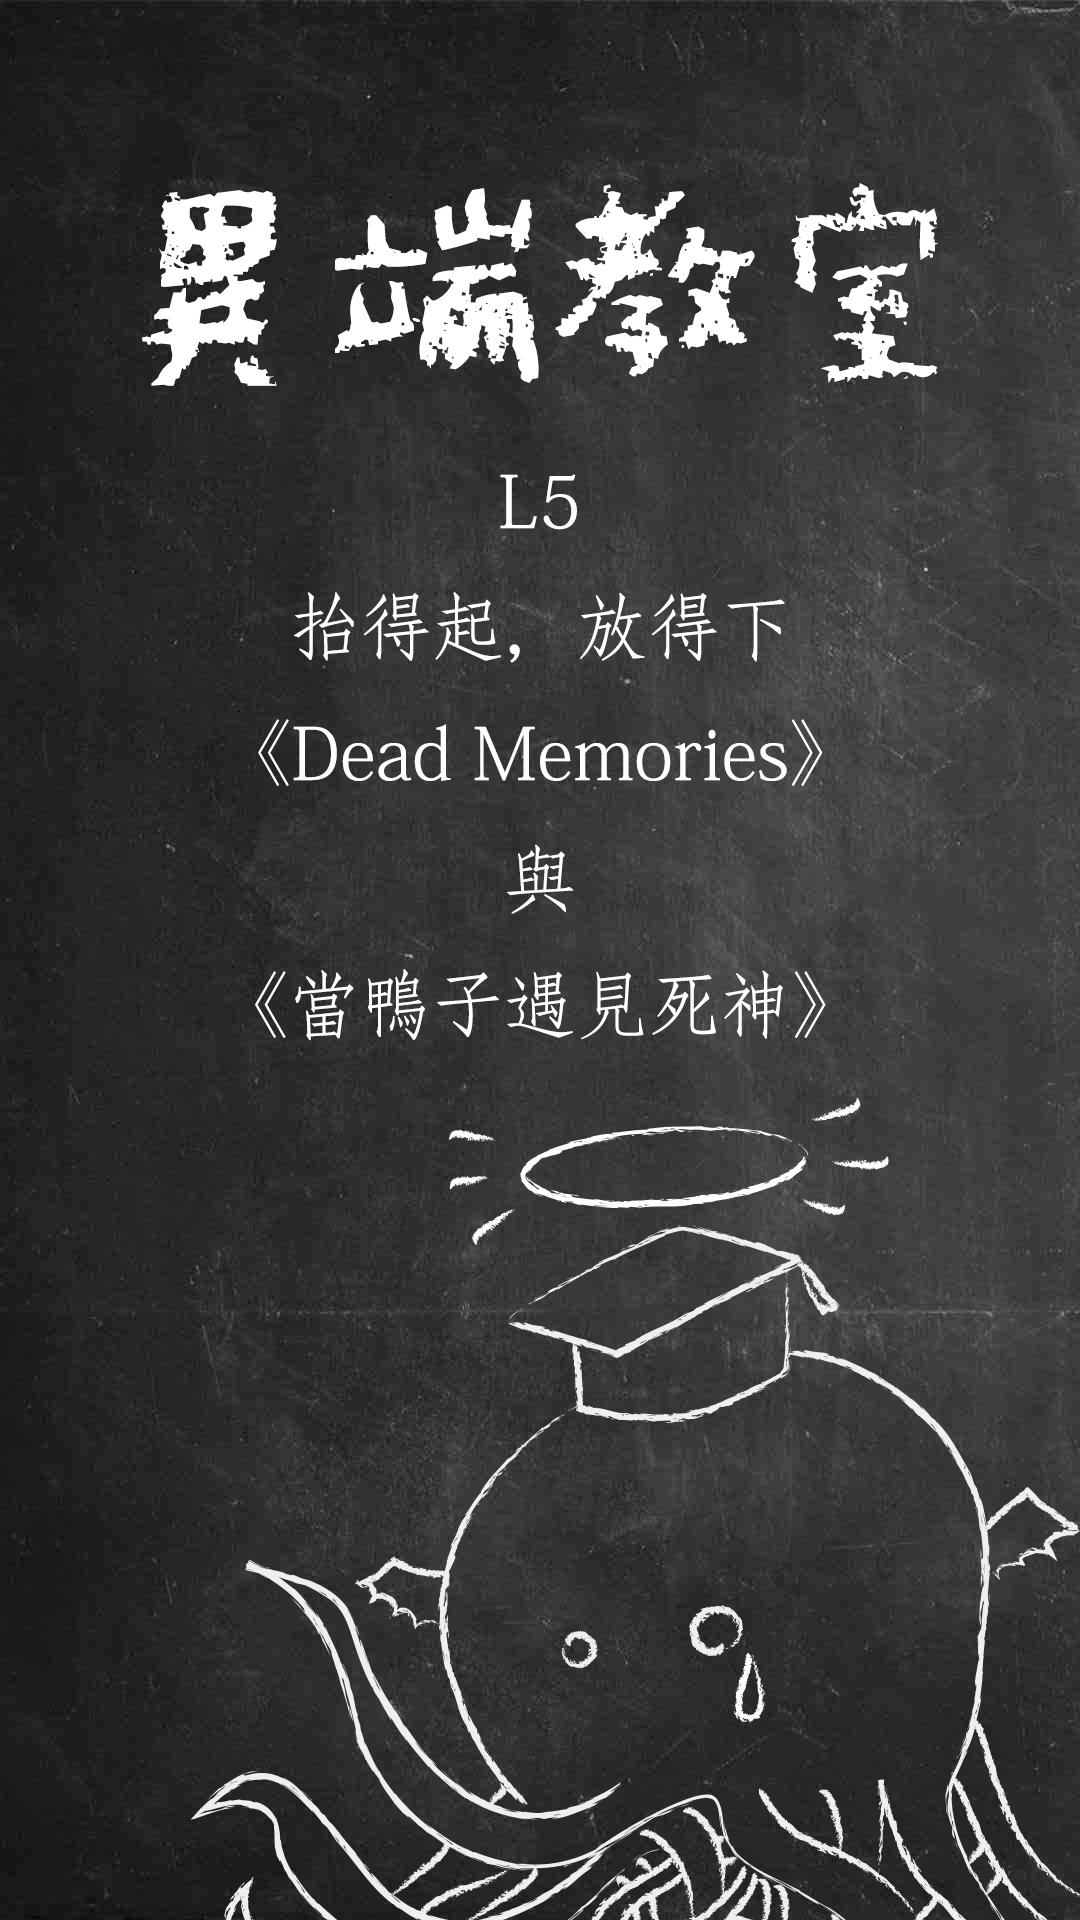 抬得起,放得下-異端教室L5:《Dead Memories》與《當鴨子遇見死神》